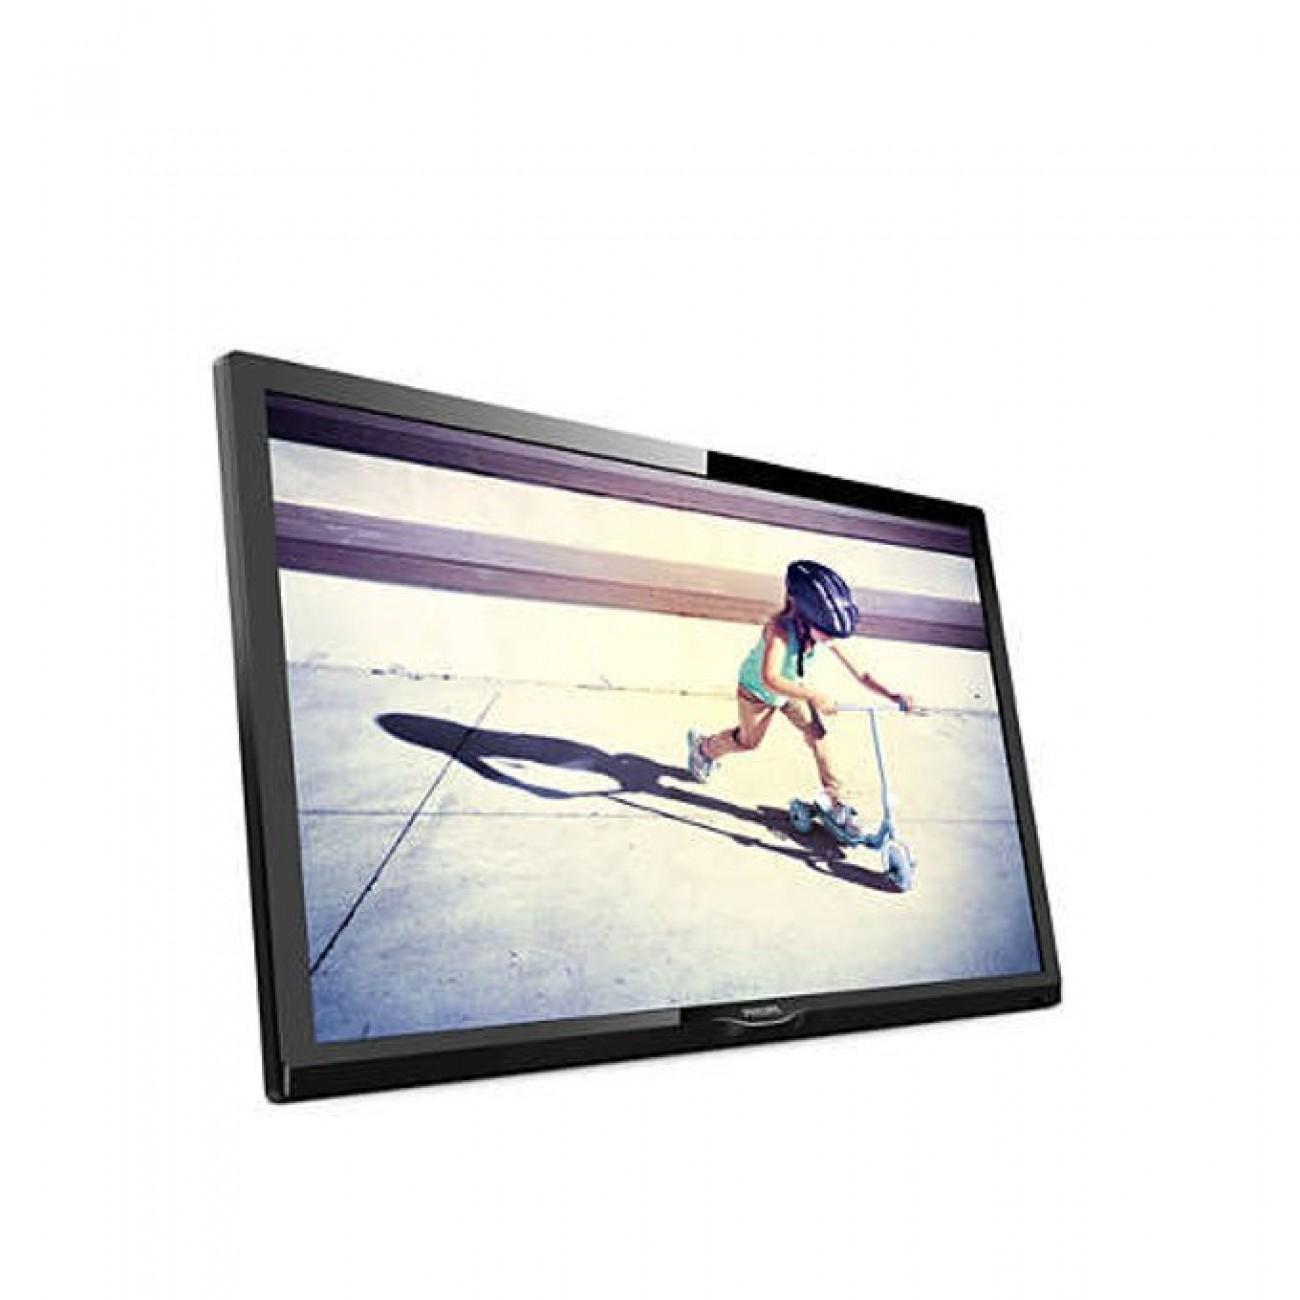 Телевизор Philips 22PFS4022/12, 22 (55.88 cm) Full HD LED, DVB-T2/C/S2, 2x HDMI, 1x USB в Телевизори -  | Alleop